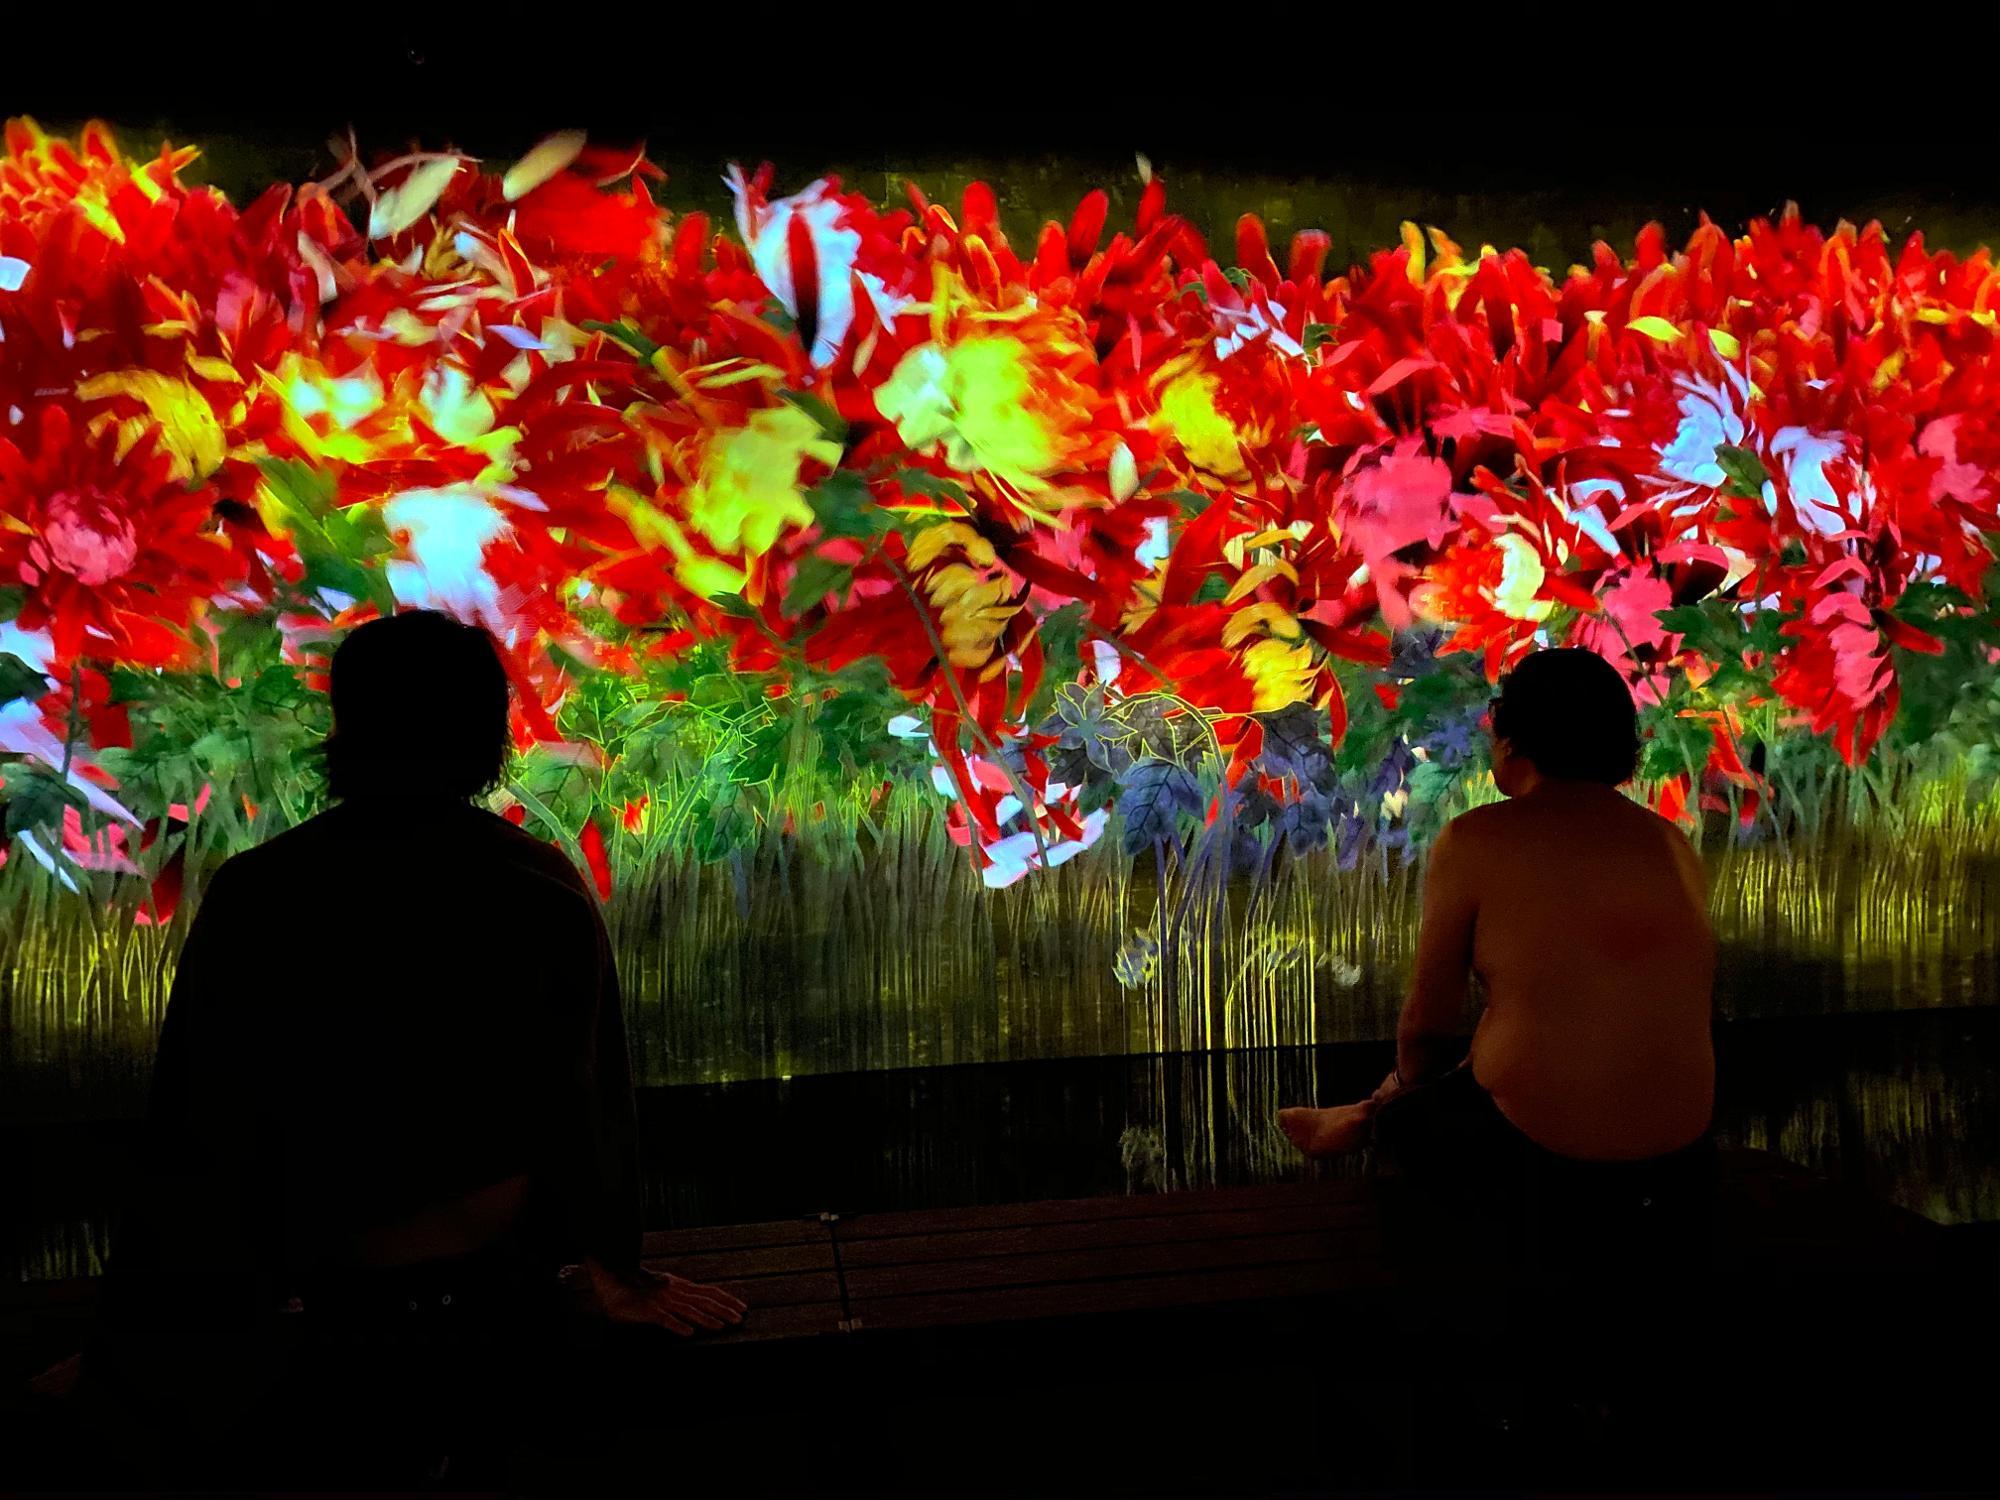 「降り注ぐ雨の中で増殖する無量の生命」/会場に用意された椅子に座って目の前にある大きな画面。コンピュータープログラムによってリアルタイムで描かれ続ける花々の様子を眺めることができる